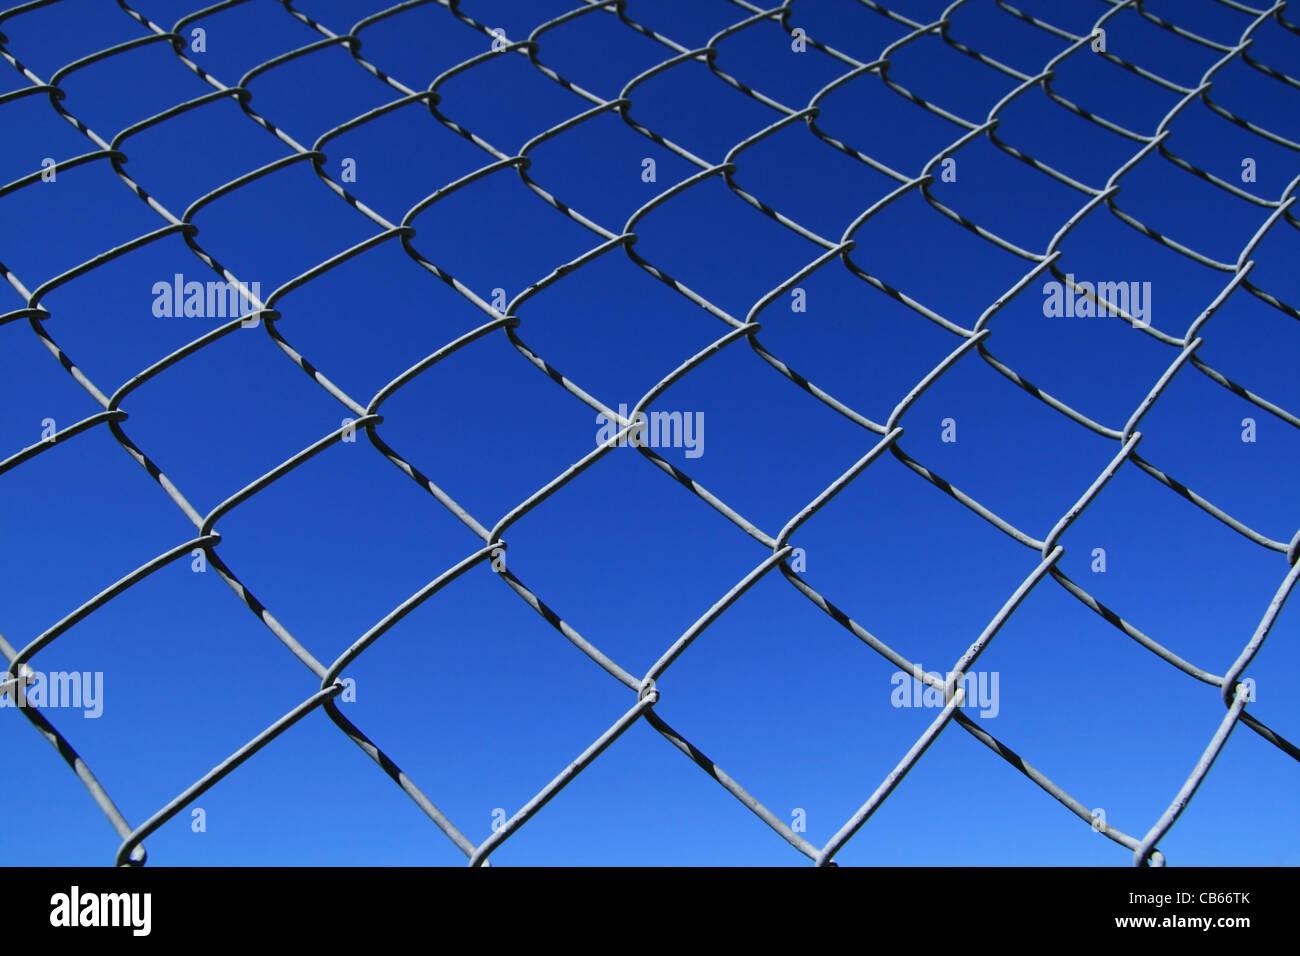 Eslabón de la cadena cerco malla con fondo de cielo azul Imagen De Stock